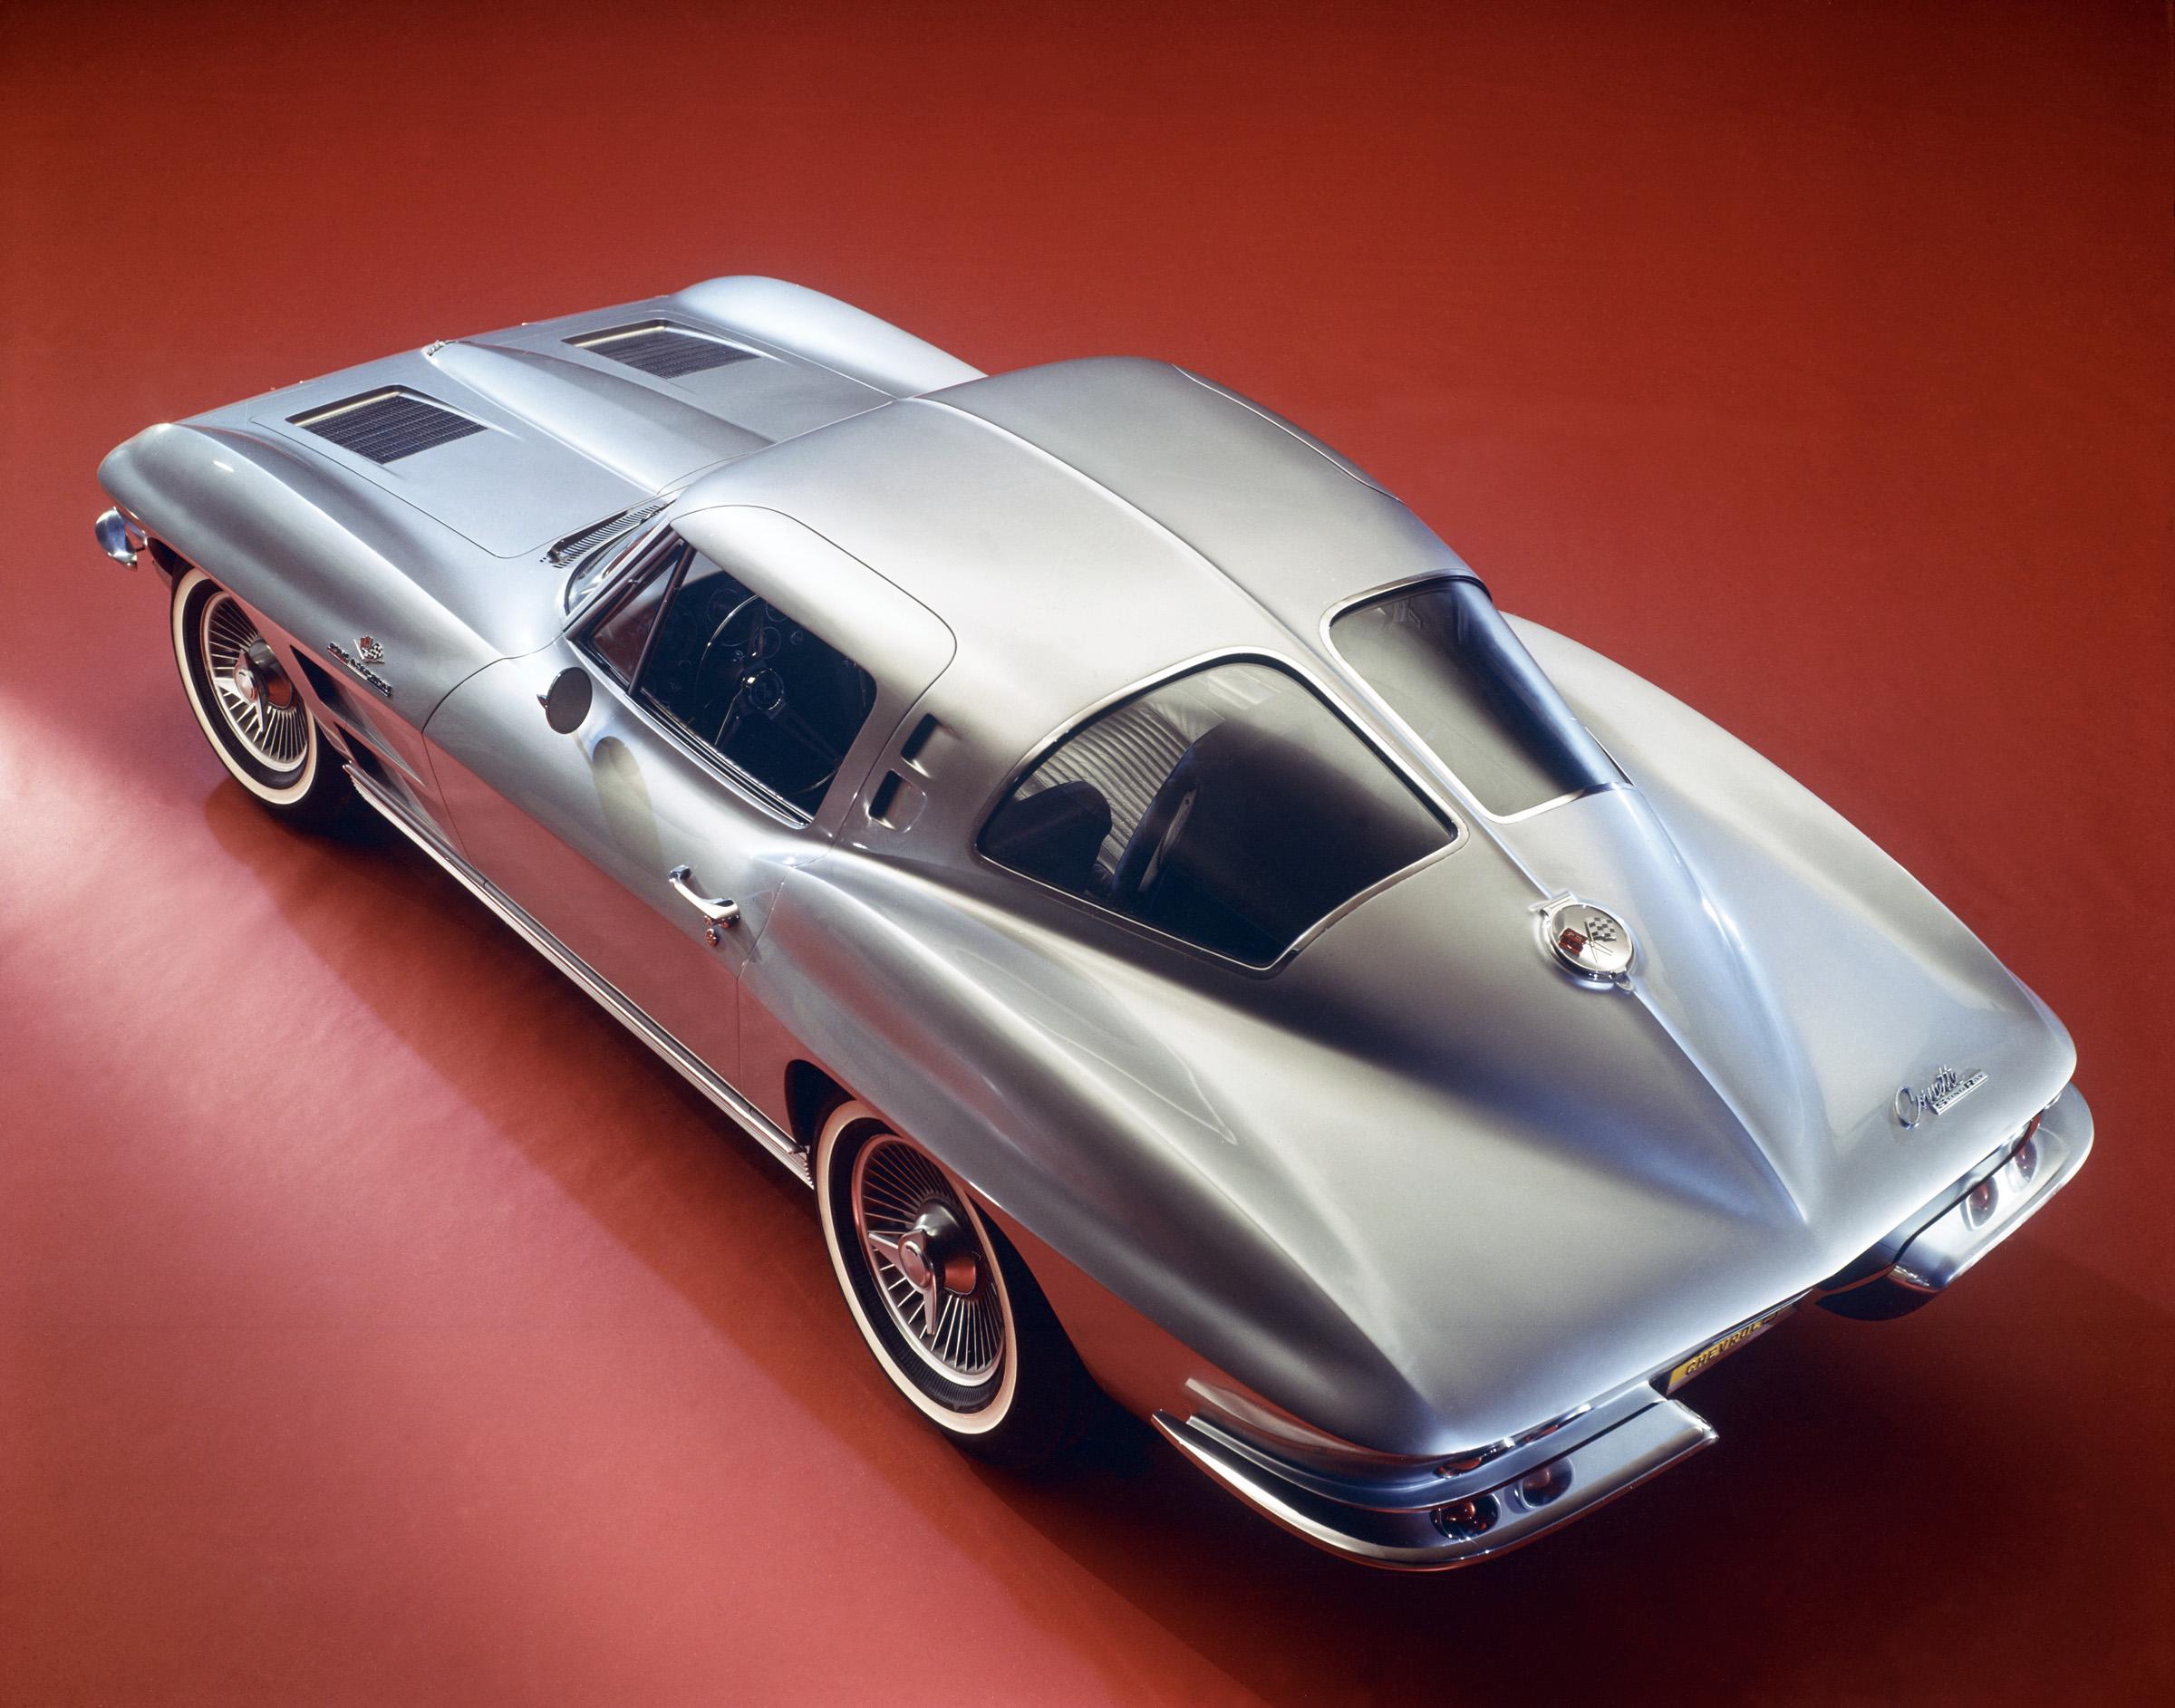 1963 Chevrolet Corvette overhead